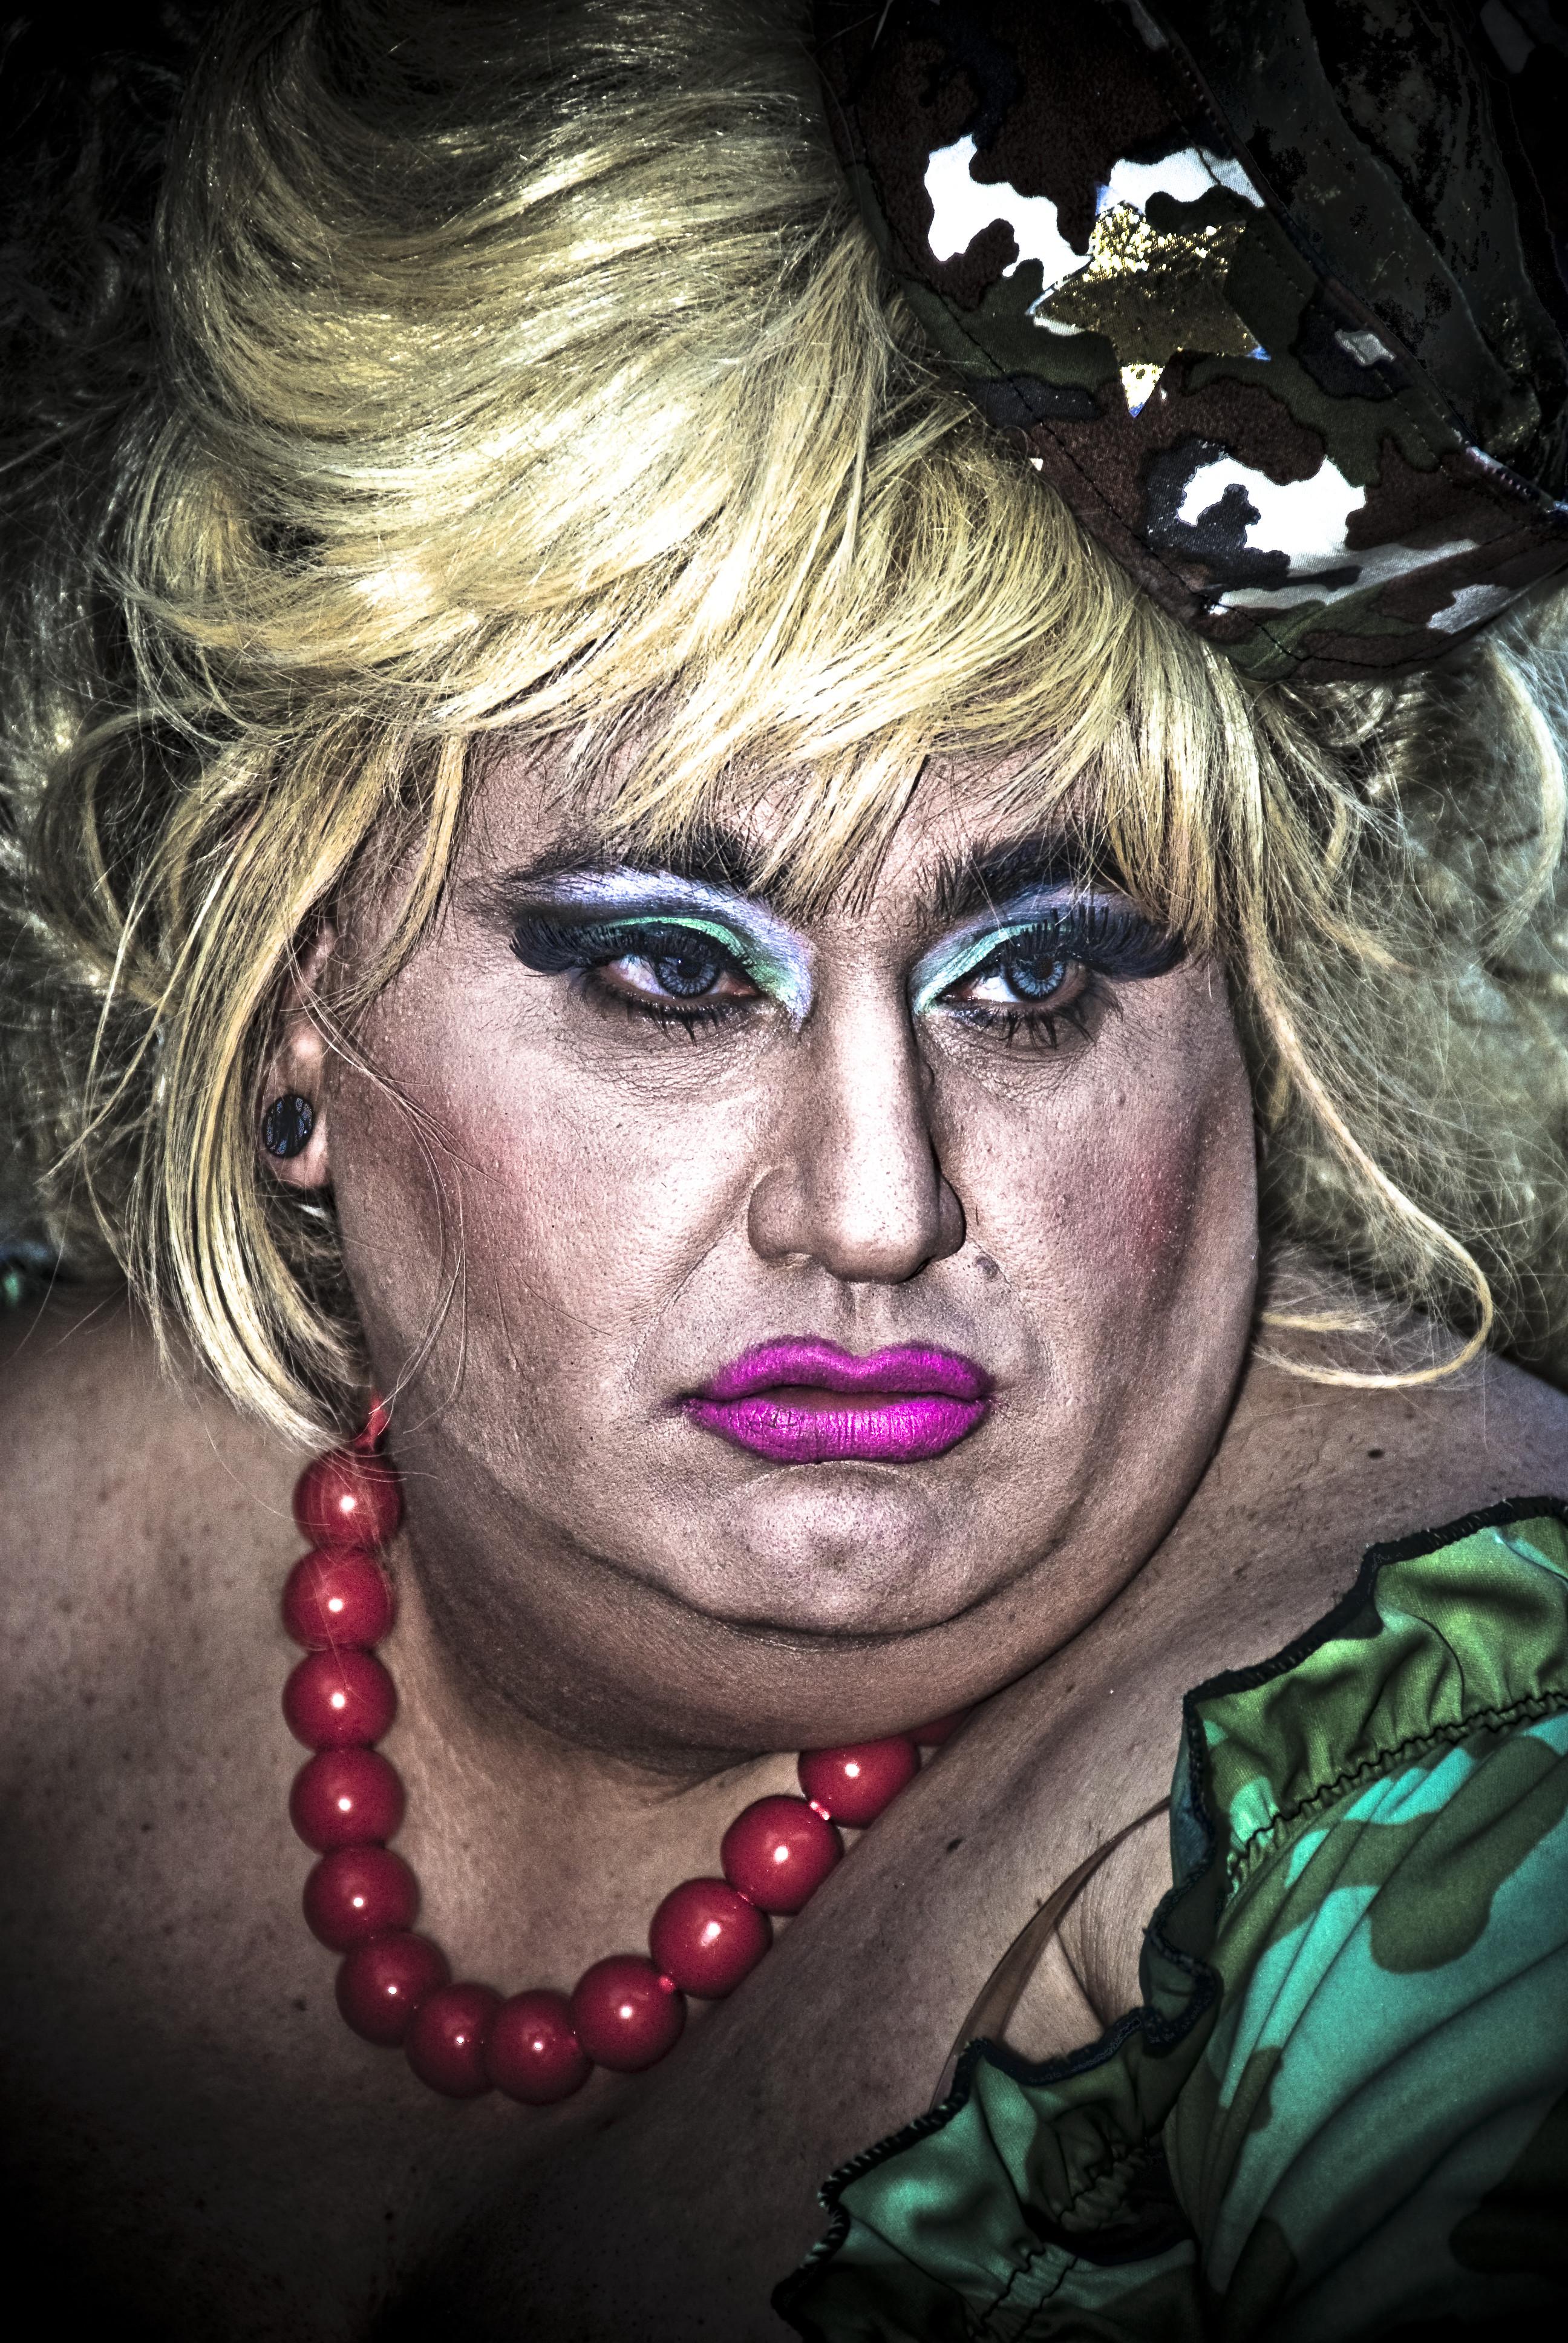 Drag Queen Make Up: Http://fc08.deviantart.net/fs37/f/2008/263/3/a/Drag_queen